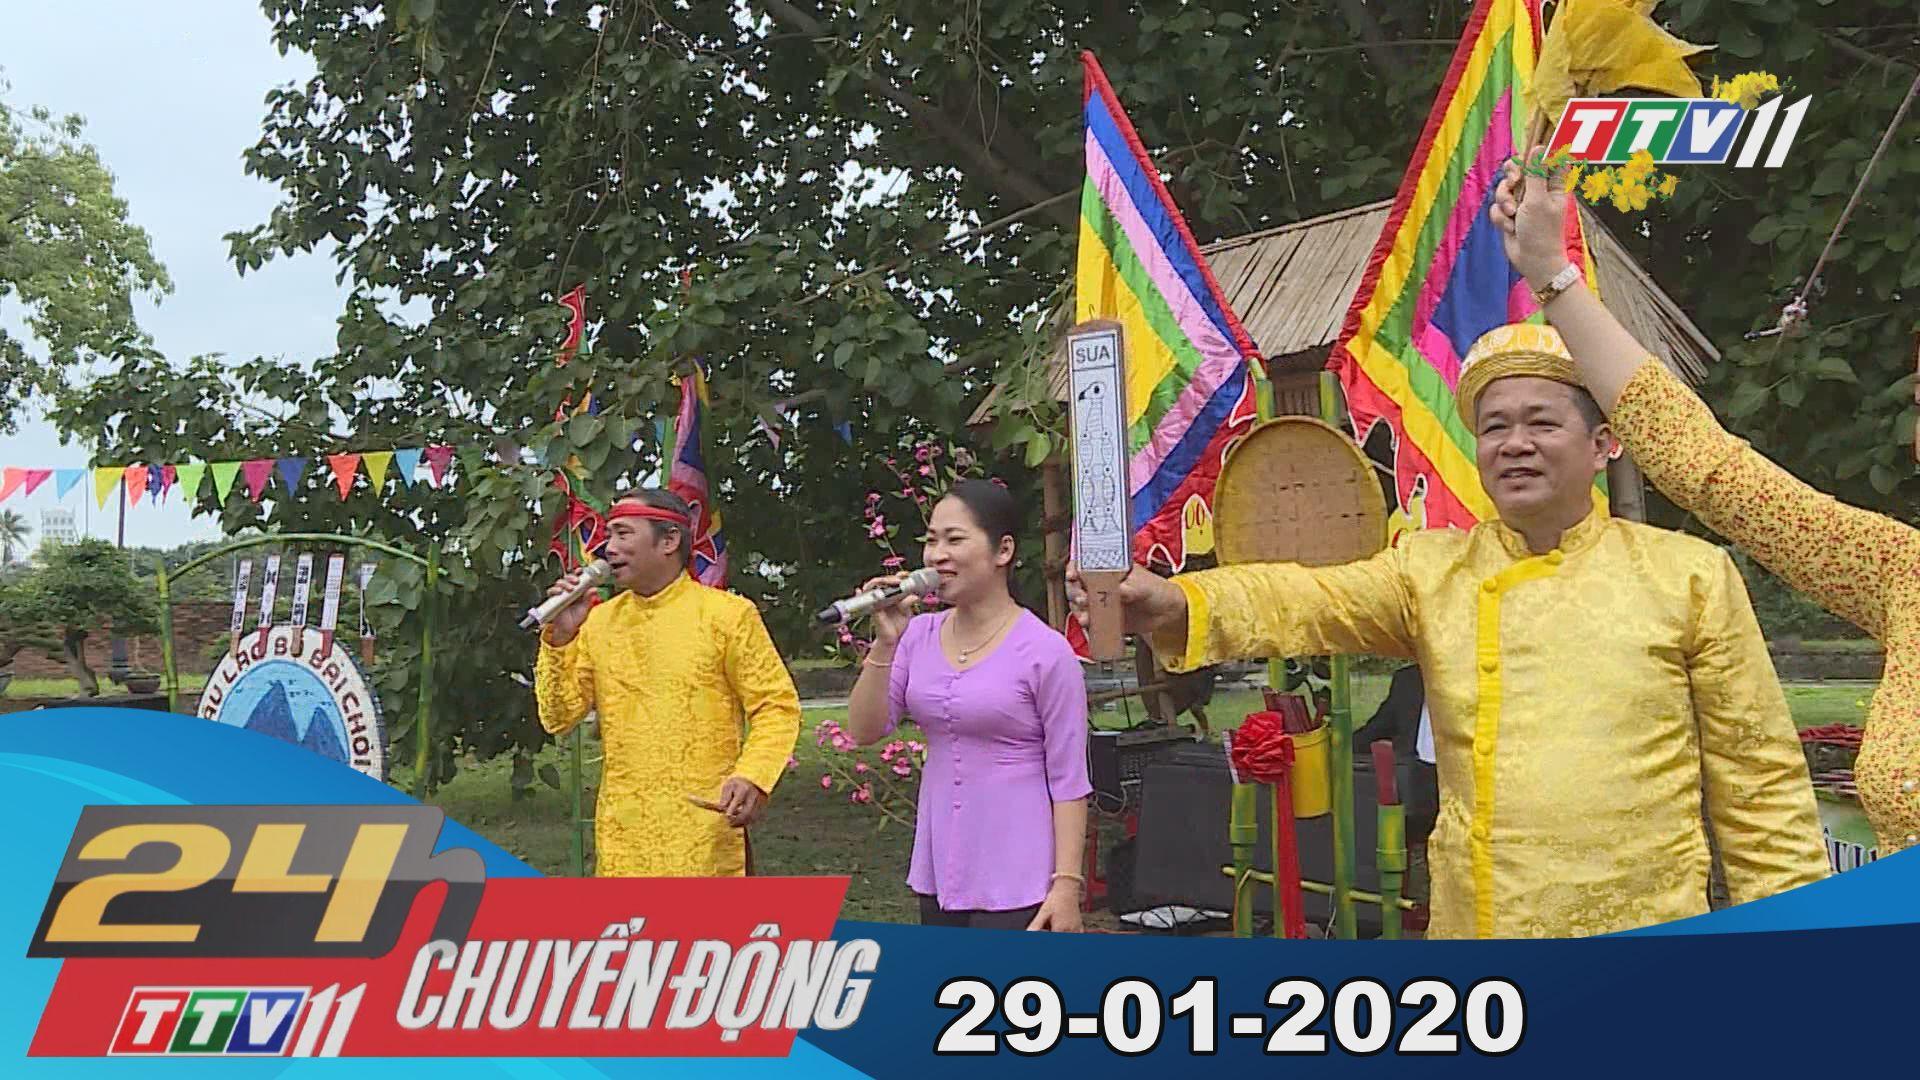 24h Chuyển động 29-01-2020 | Tin tức hôm nay | TayNinhTV